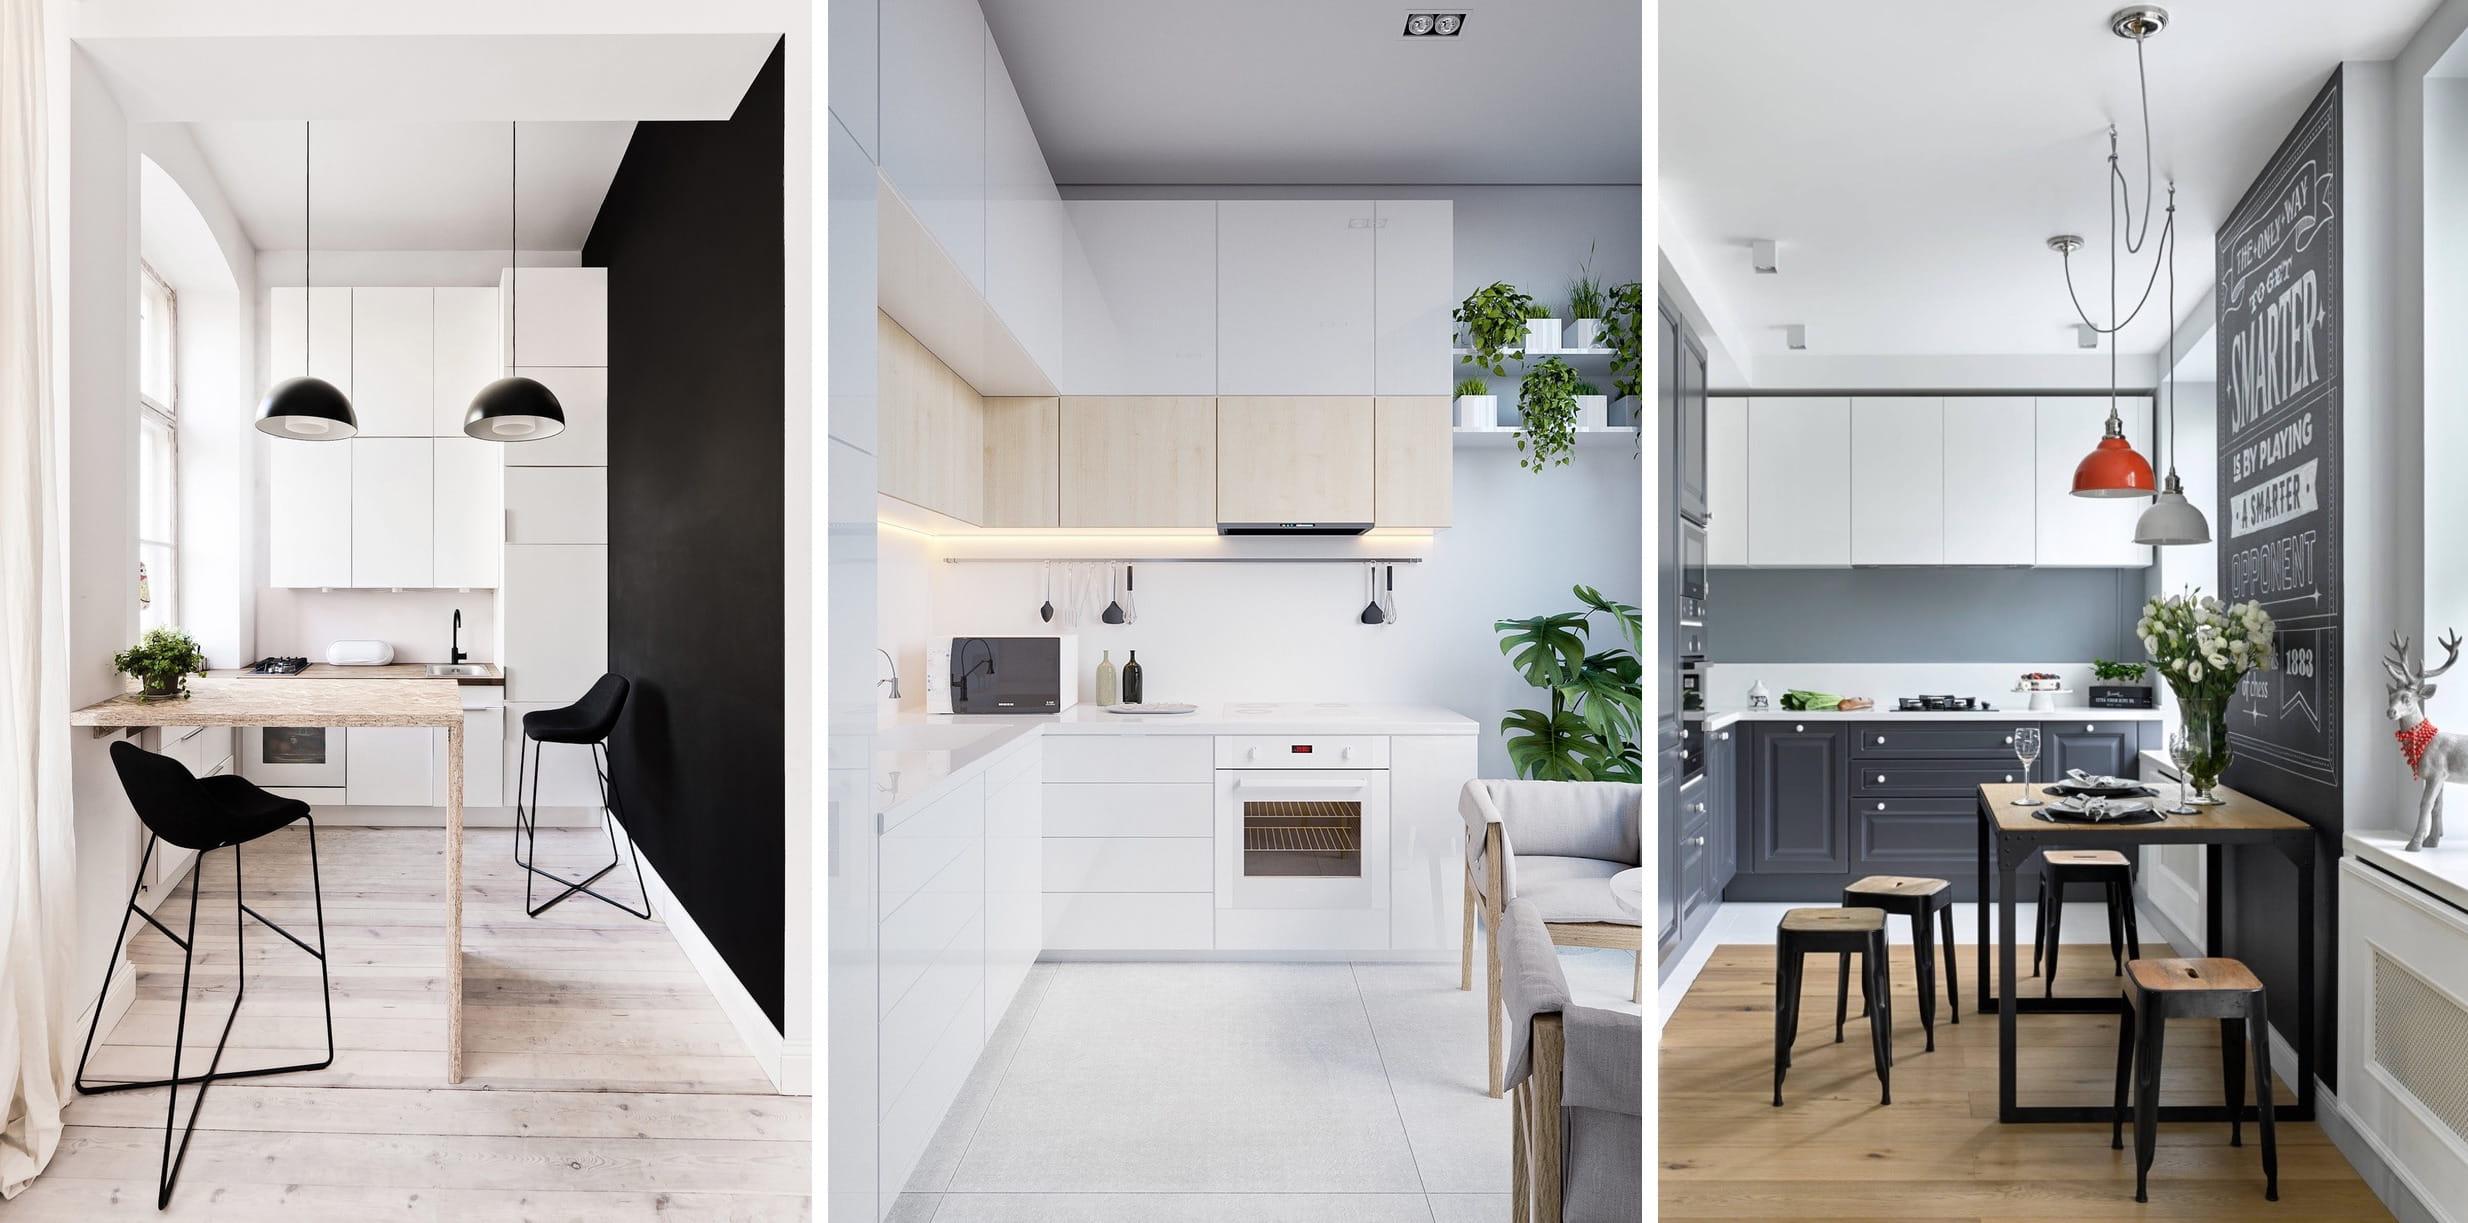 Интерьер маленькой кухни может быть комфортным и уютным